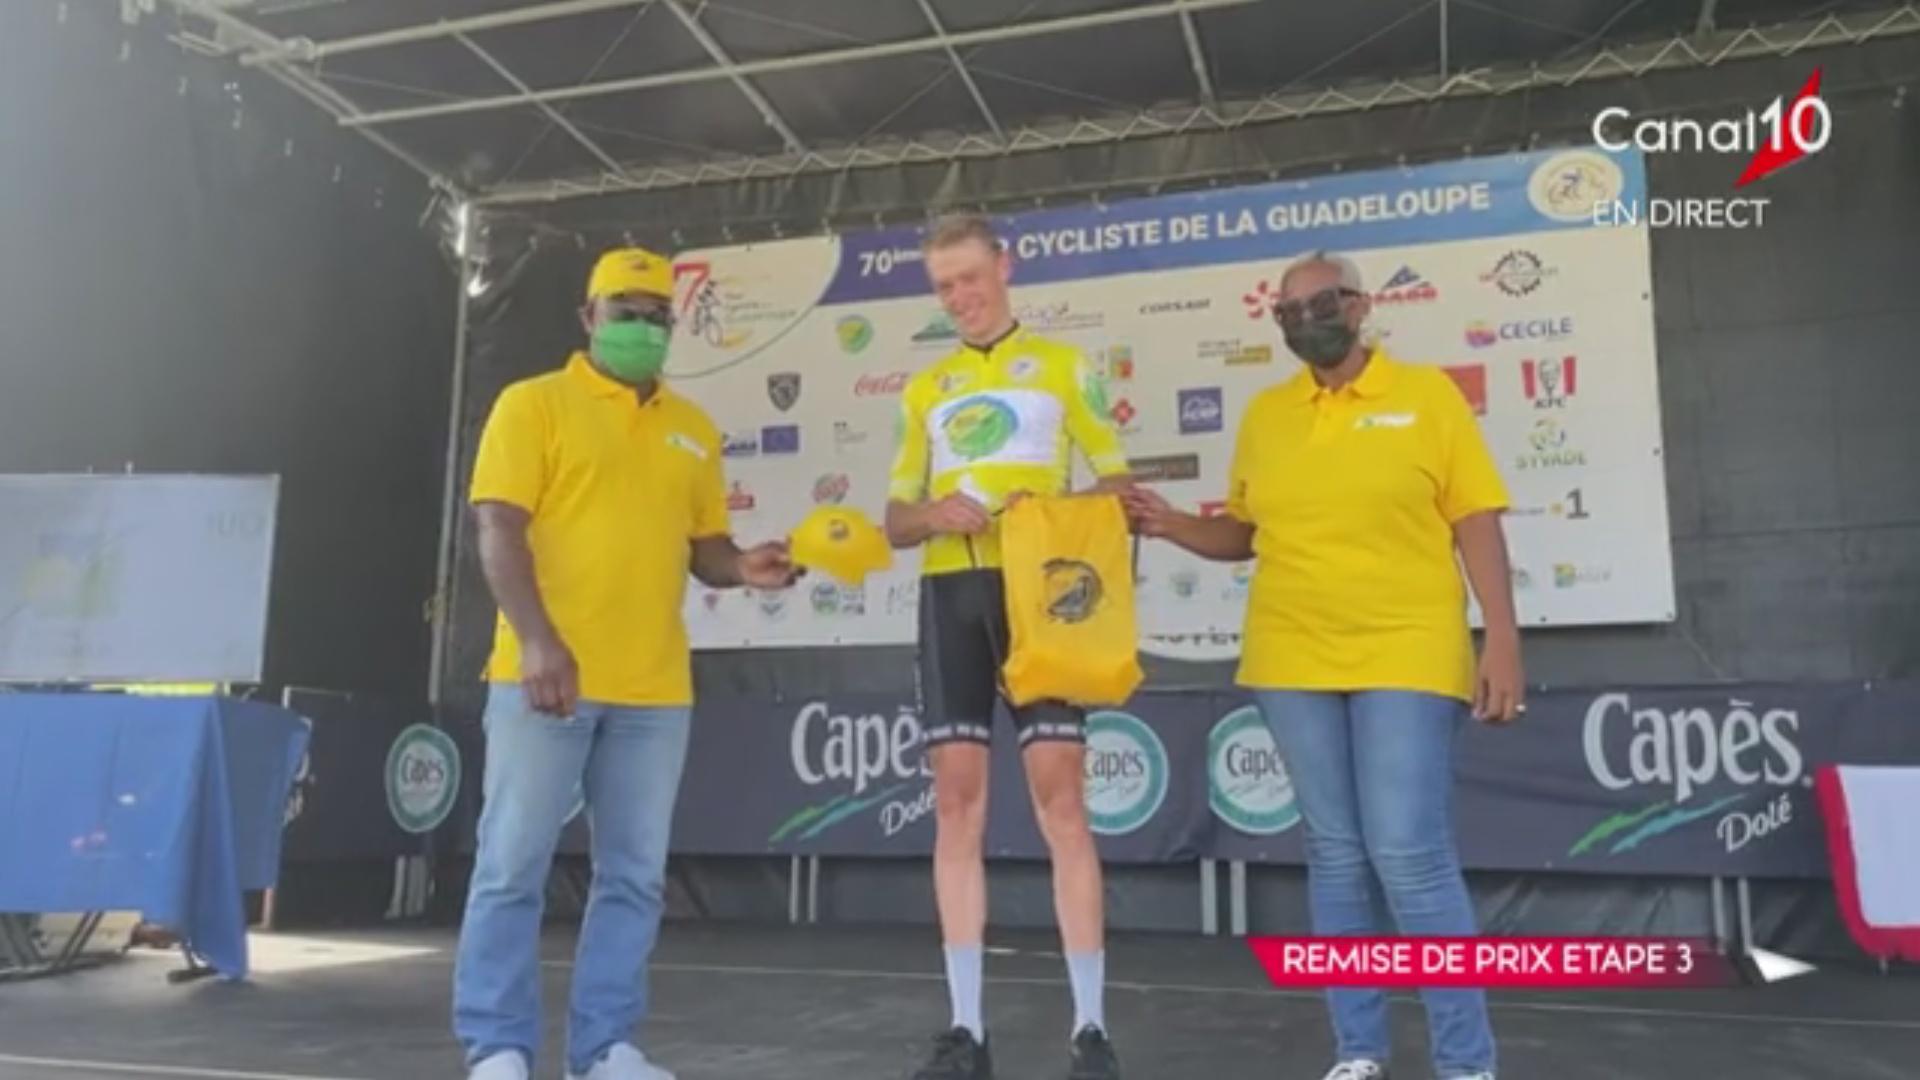 [Vidéo] Tzortzakis Polychronis (Kuwait Pro)remporte la 3e étape du Tour de la Guadeloupe